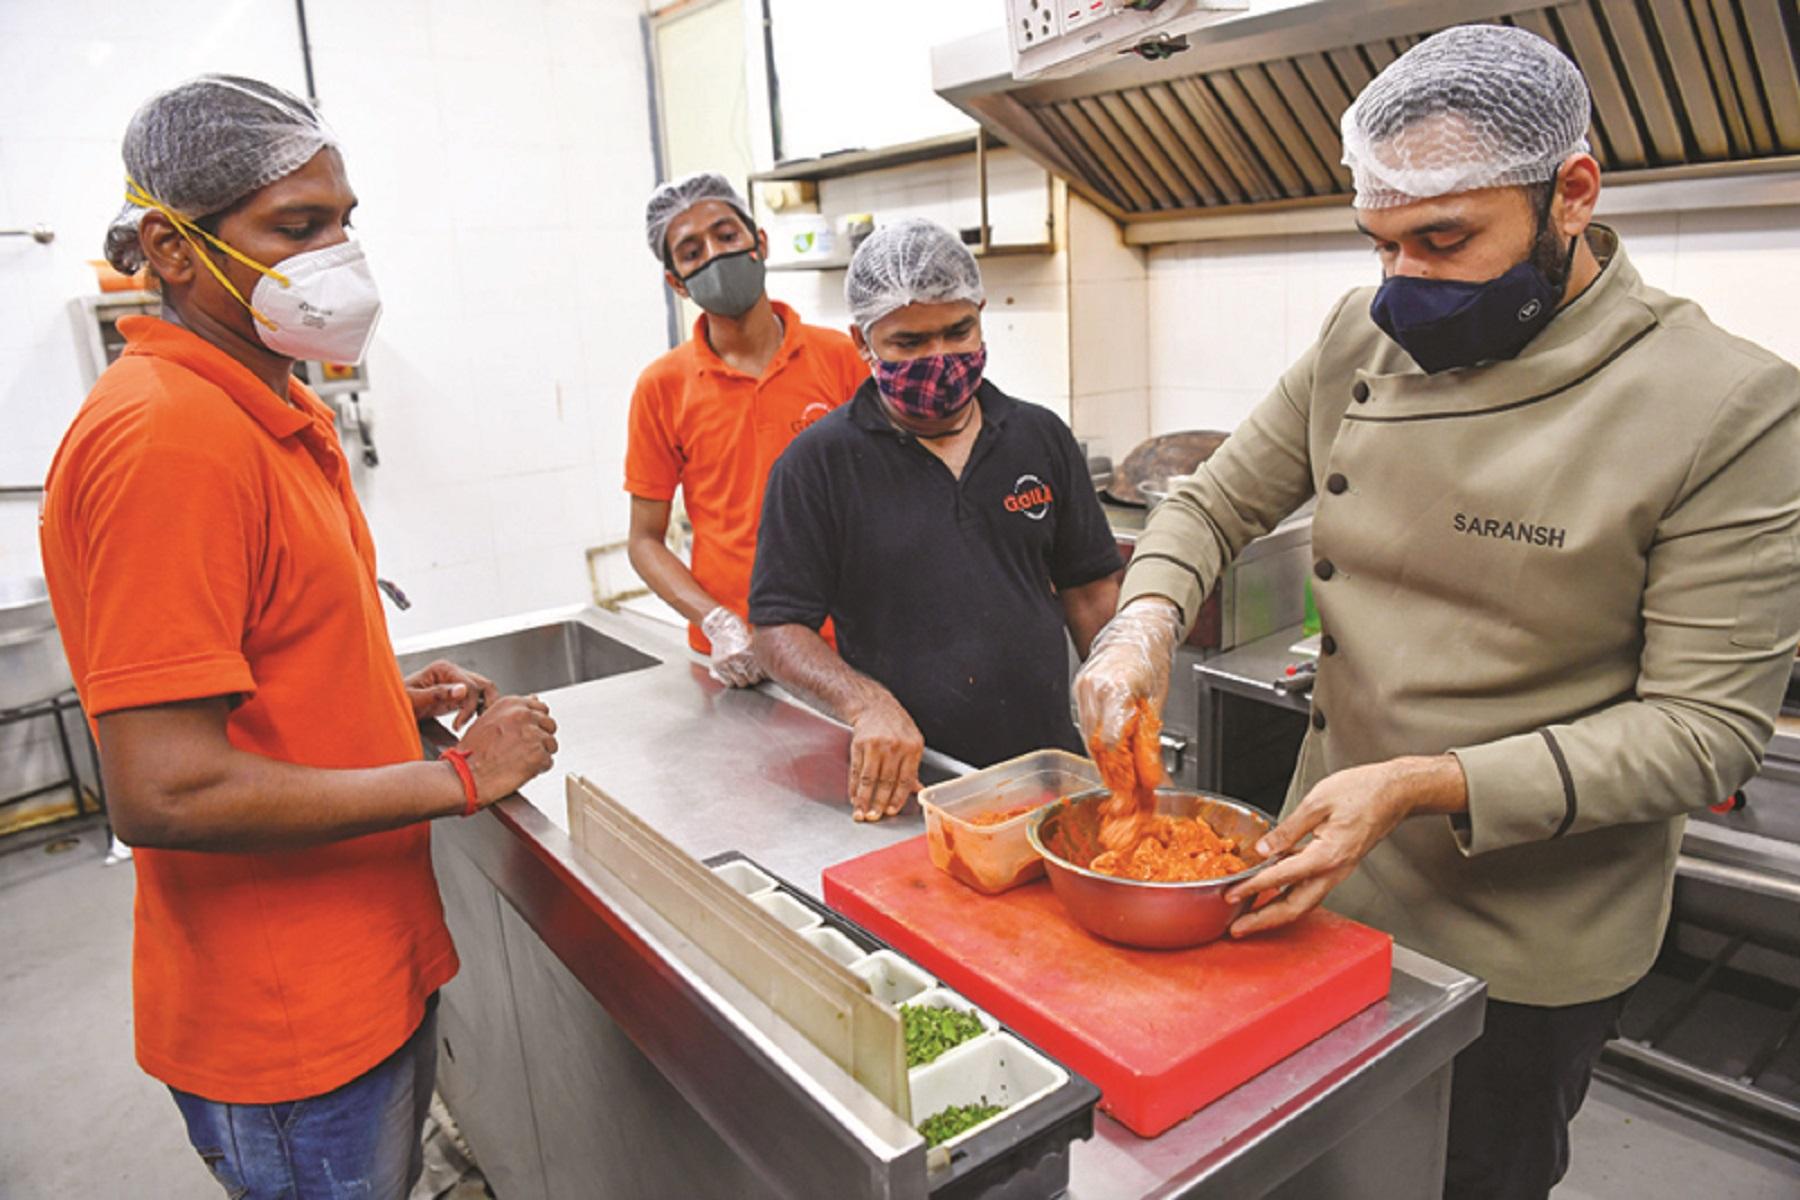 Ινδία Σεφ Goila: Ξεκίνησε μη κερδοσκοπική πλατφόρμα που ονομάζεται Covid Meals για την Ινδία